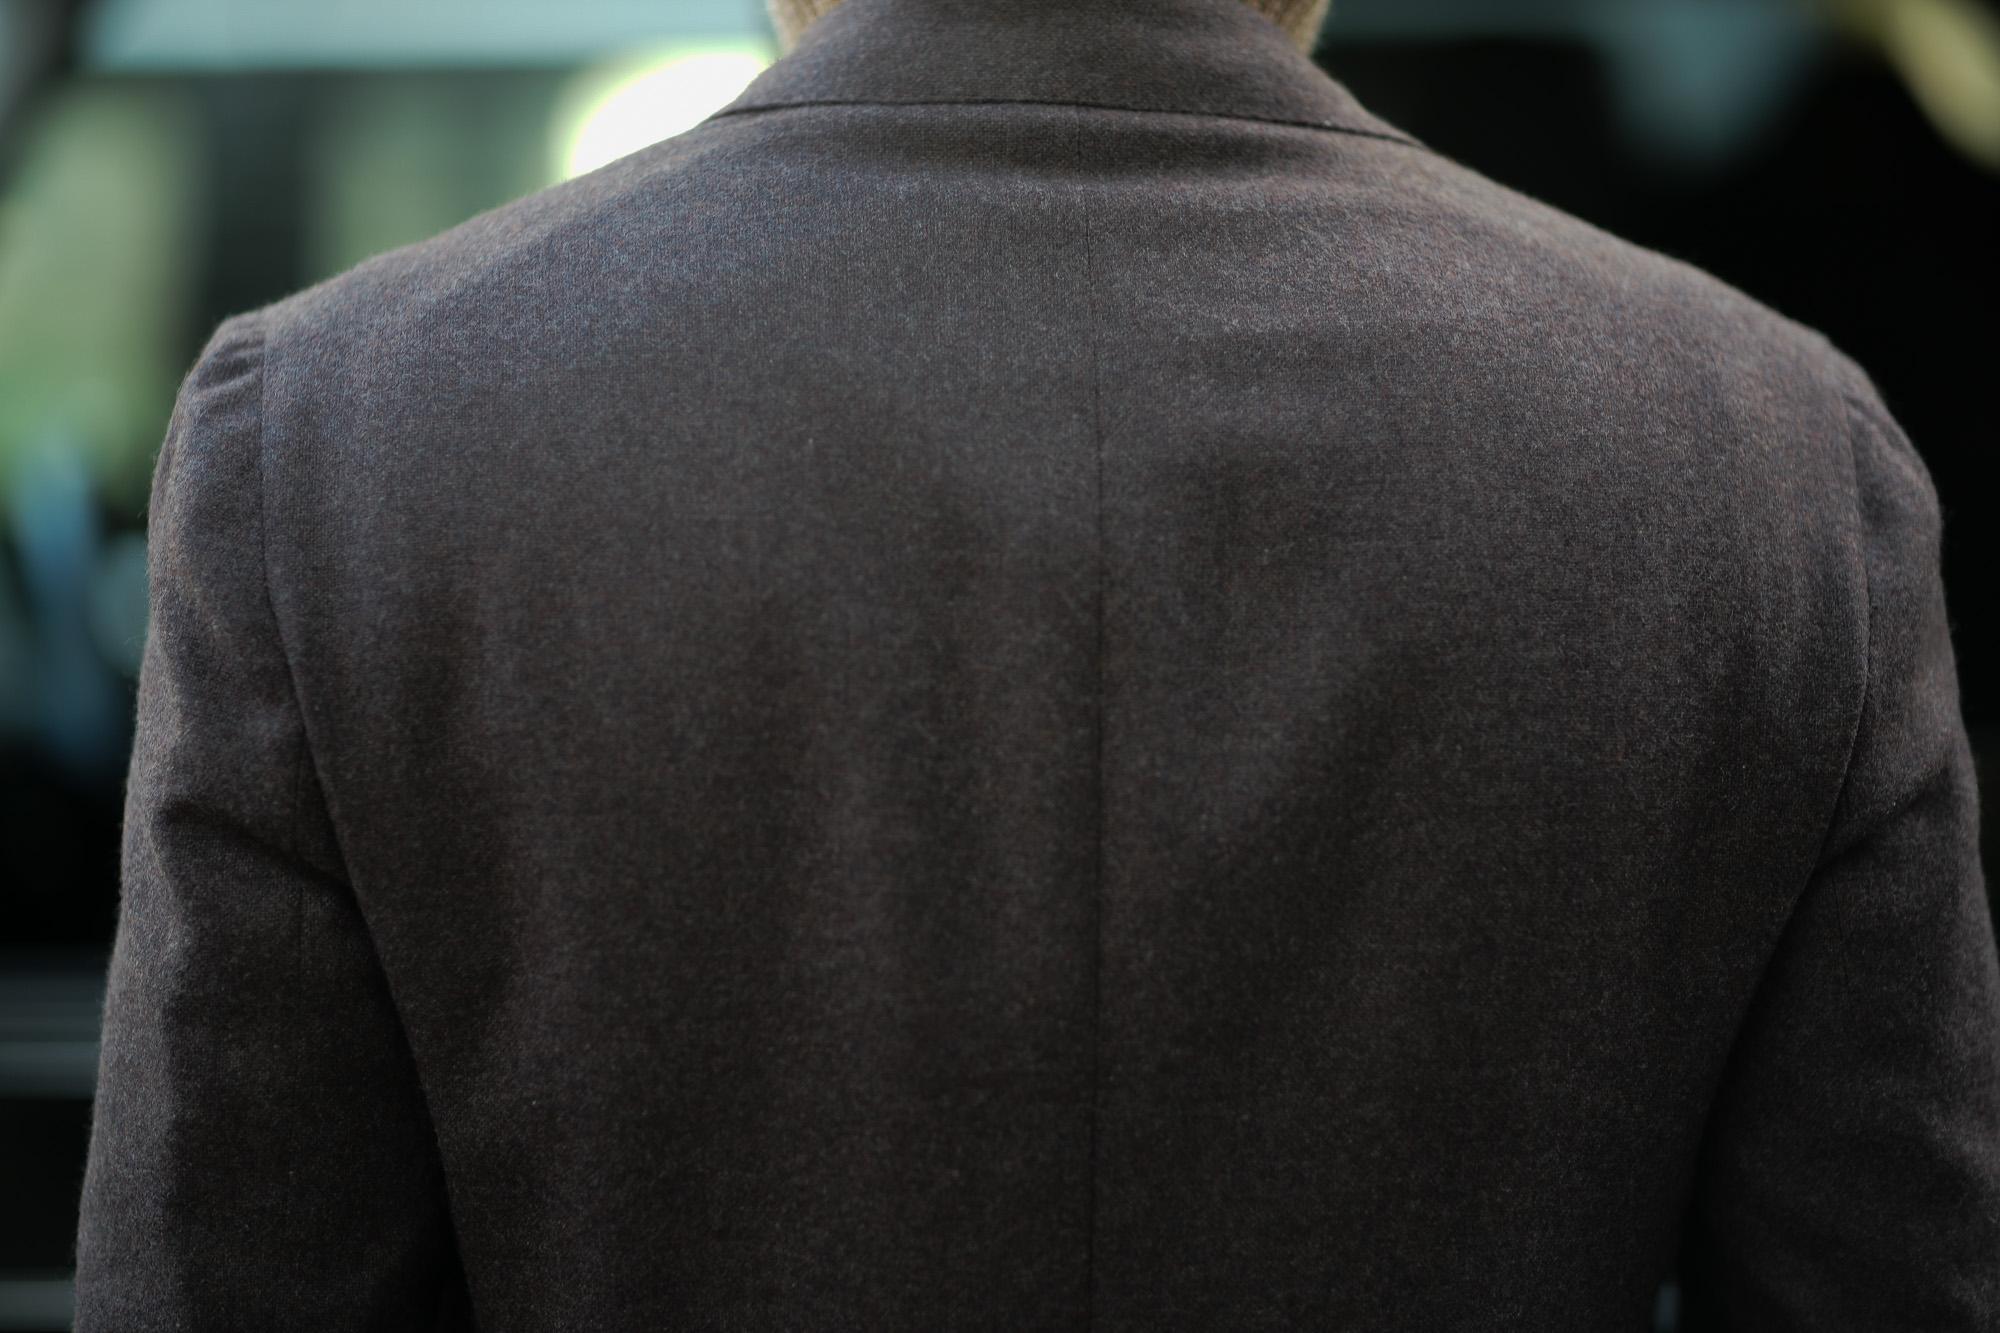 De Petrillo (デ ペトリロ) NAPOLI Posillipo (ナポリ ポジリポ) カシミア モールスキン 段返り3B ジャケット BROWN (ブラウン・358) Made in italy (イタリア製) 2019 秋冬新作 depetrillo デペトリロ 愛知 名古屋 altoediritto アルトエデリット